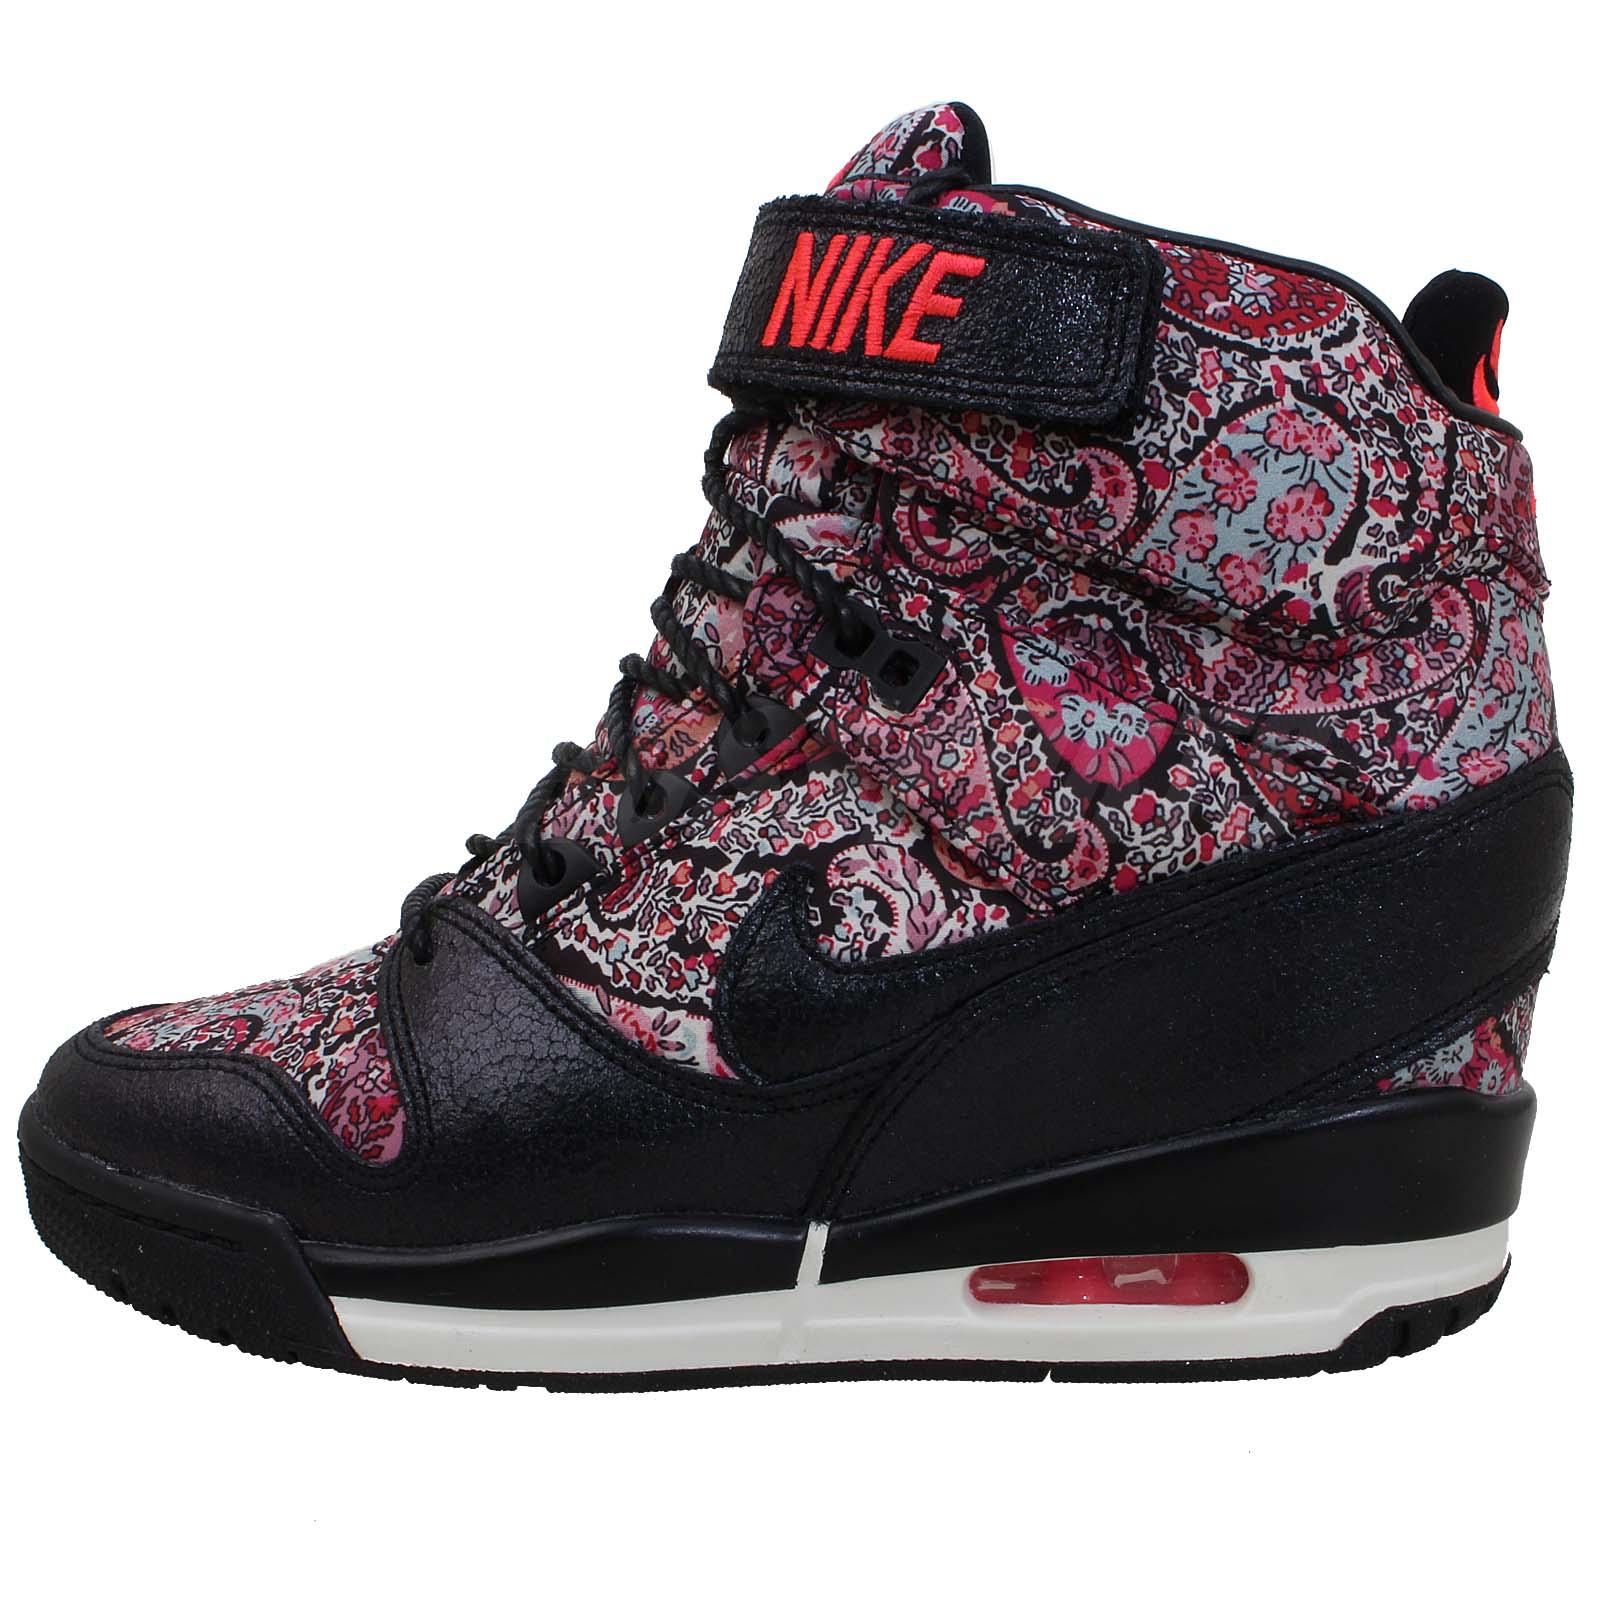 nike wedge heel sneakers bing images